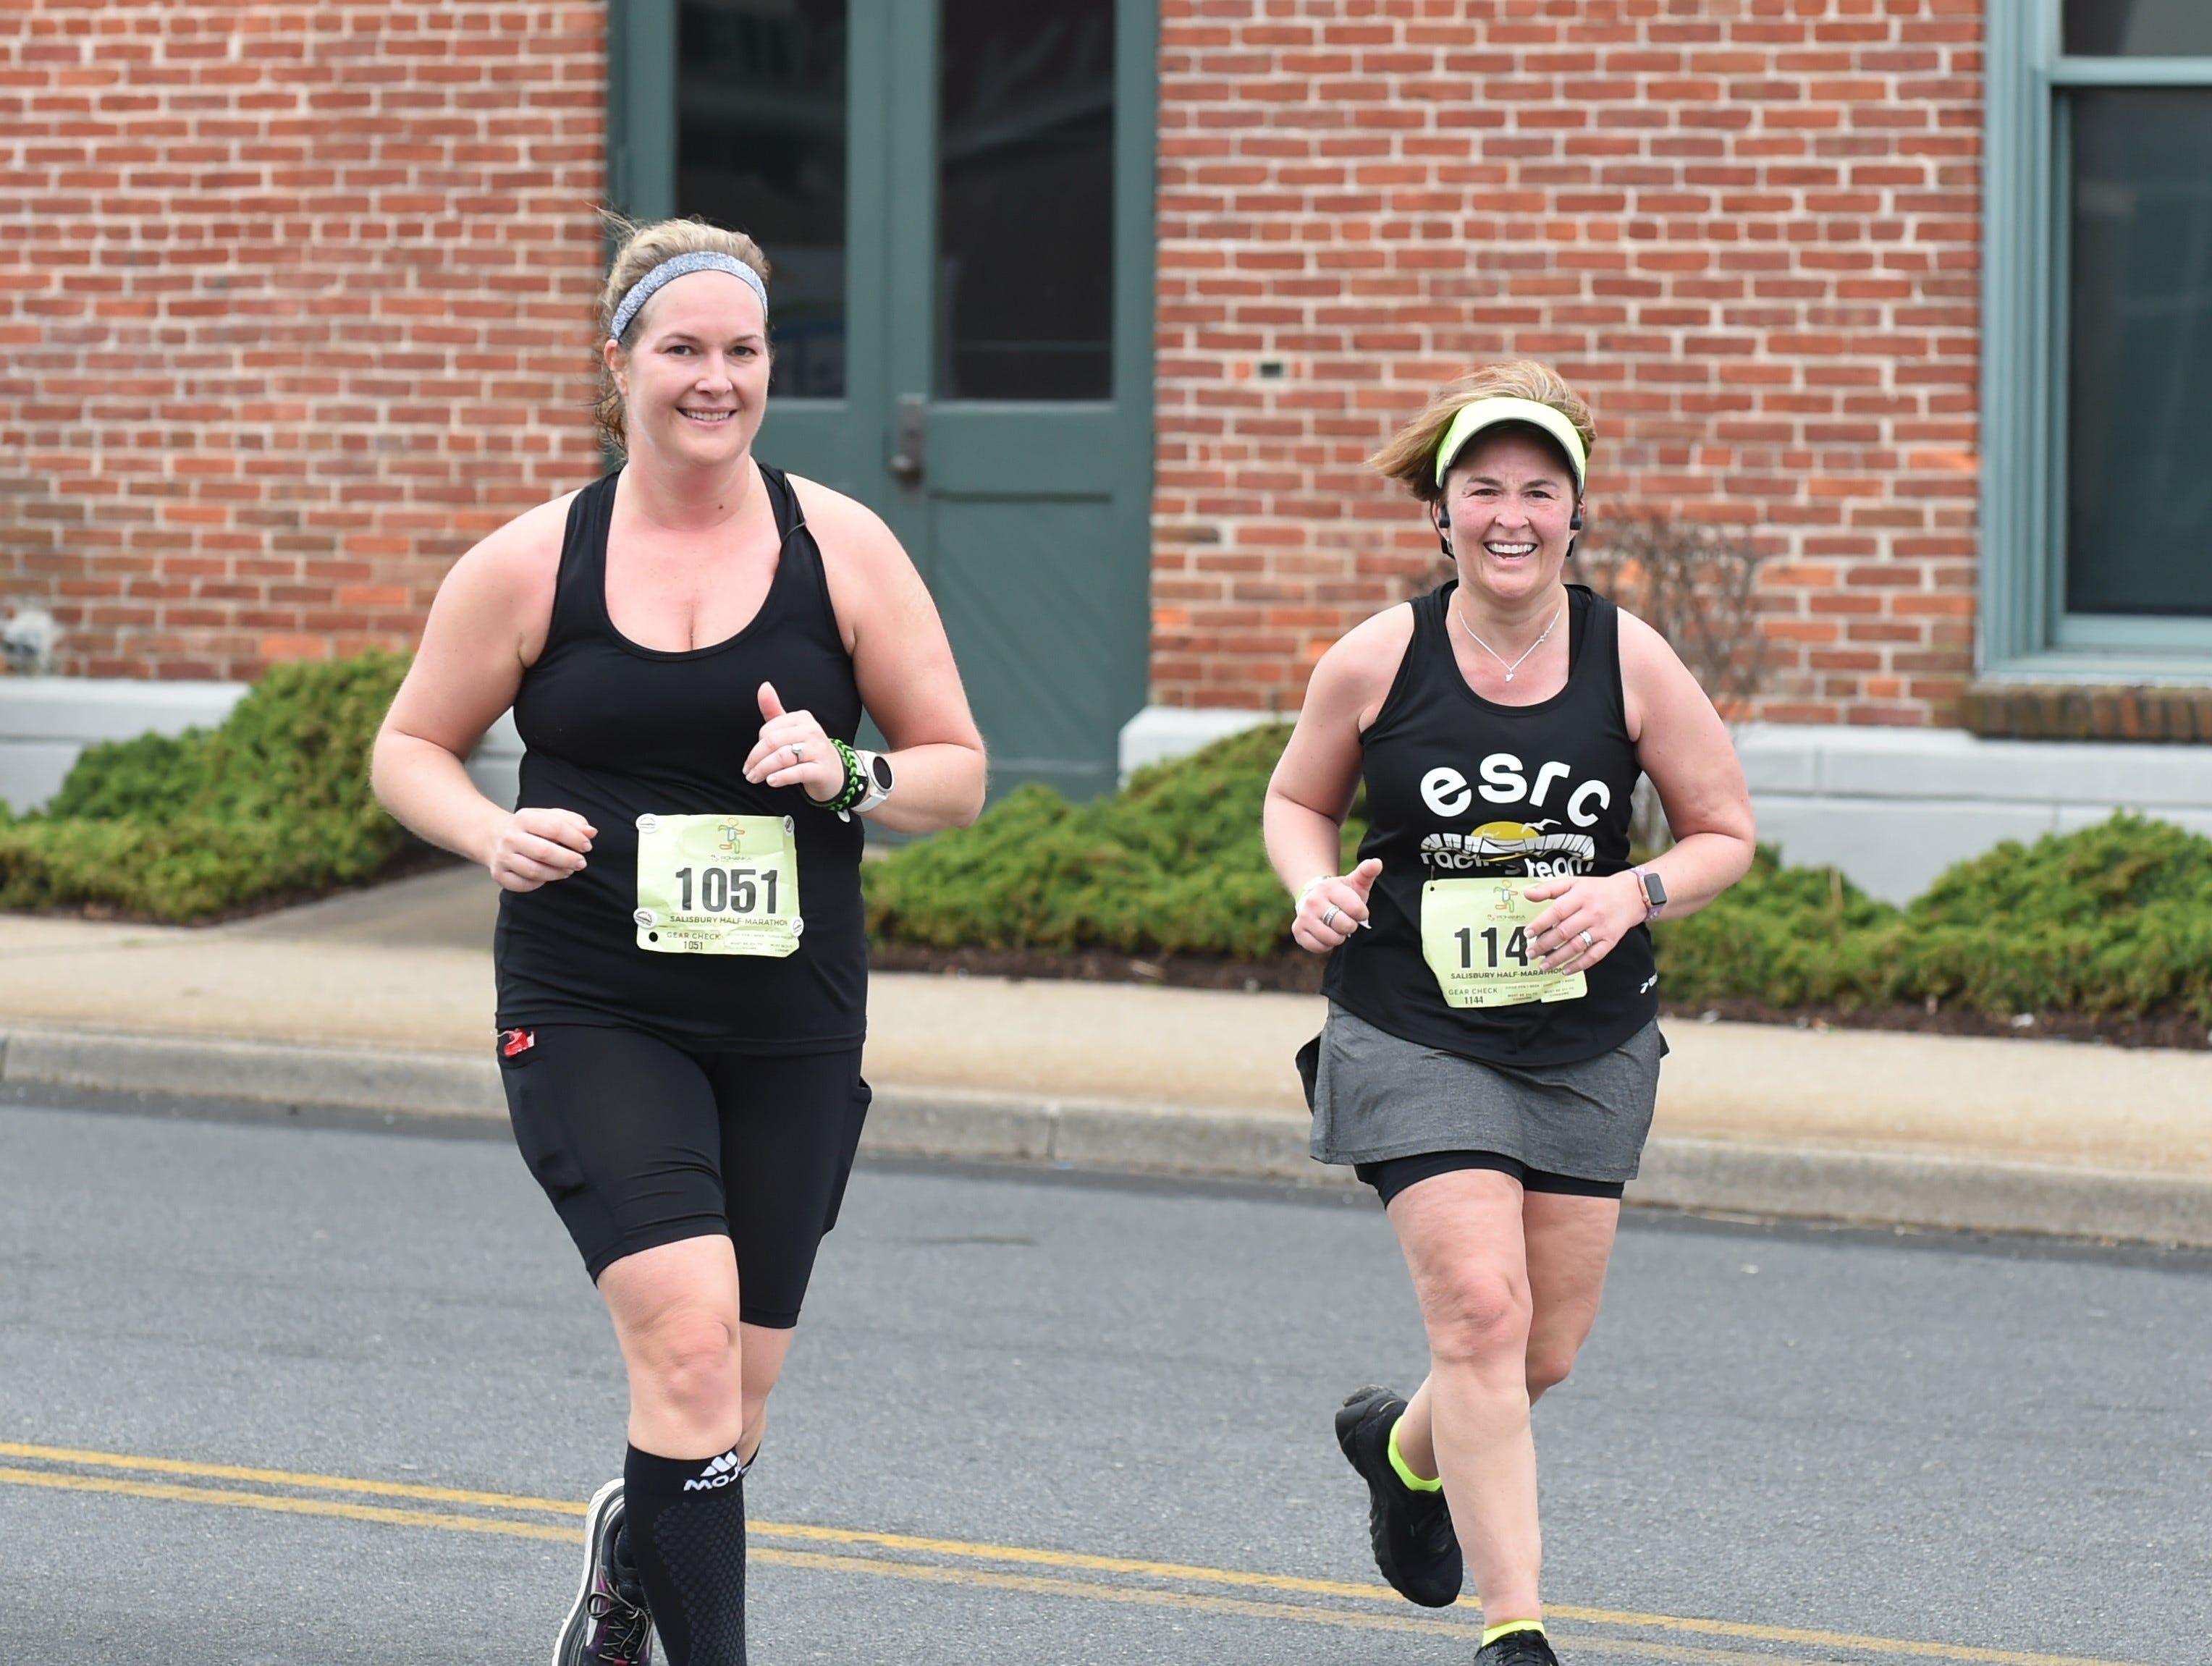 Kristen Staples (left) and Karen Dunn participated in the half marathon at the 2nd Salisbury Marathon/ Half Marathon/ 5k on Saturday, April 6, 2019.